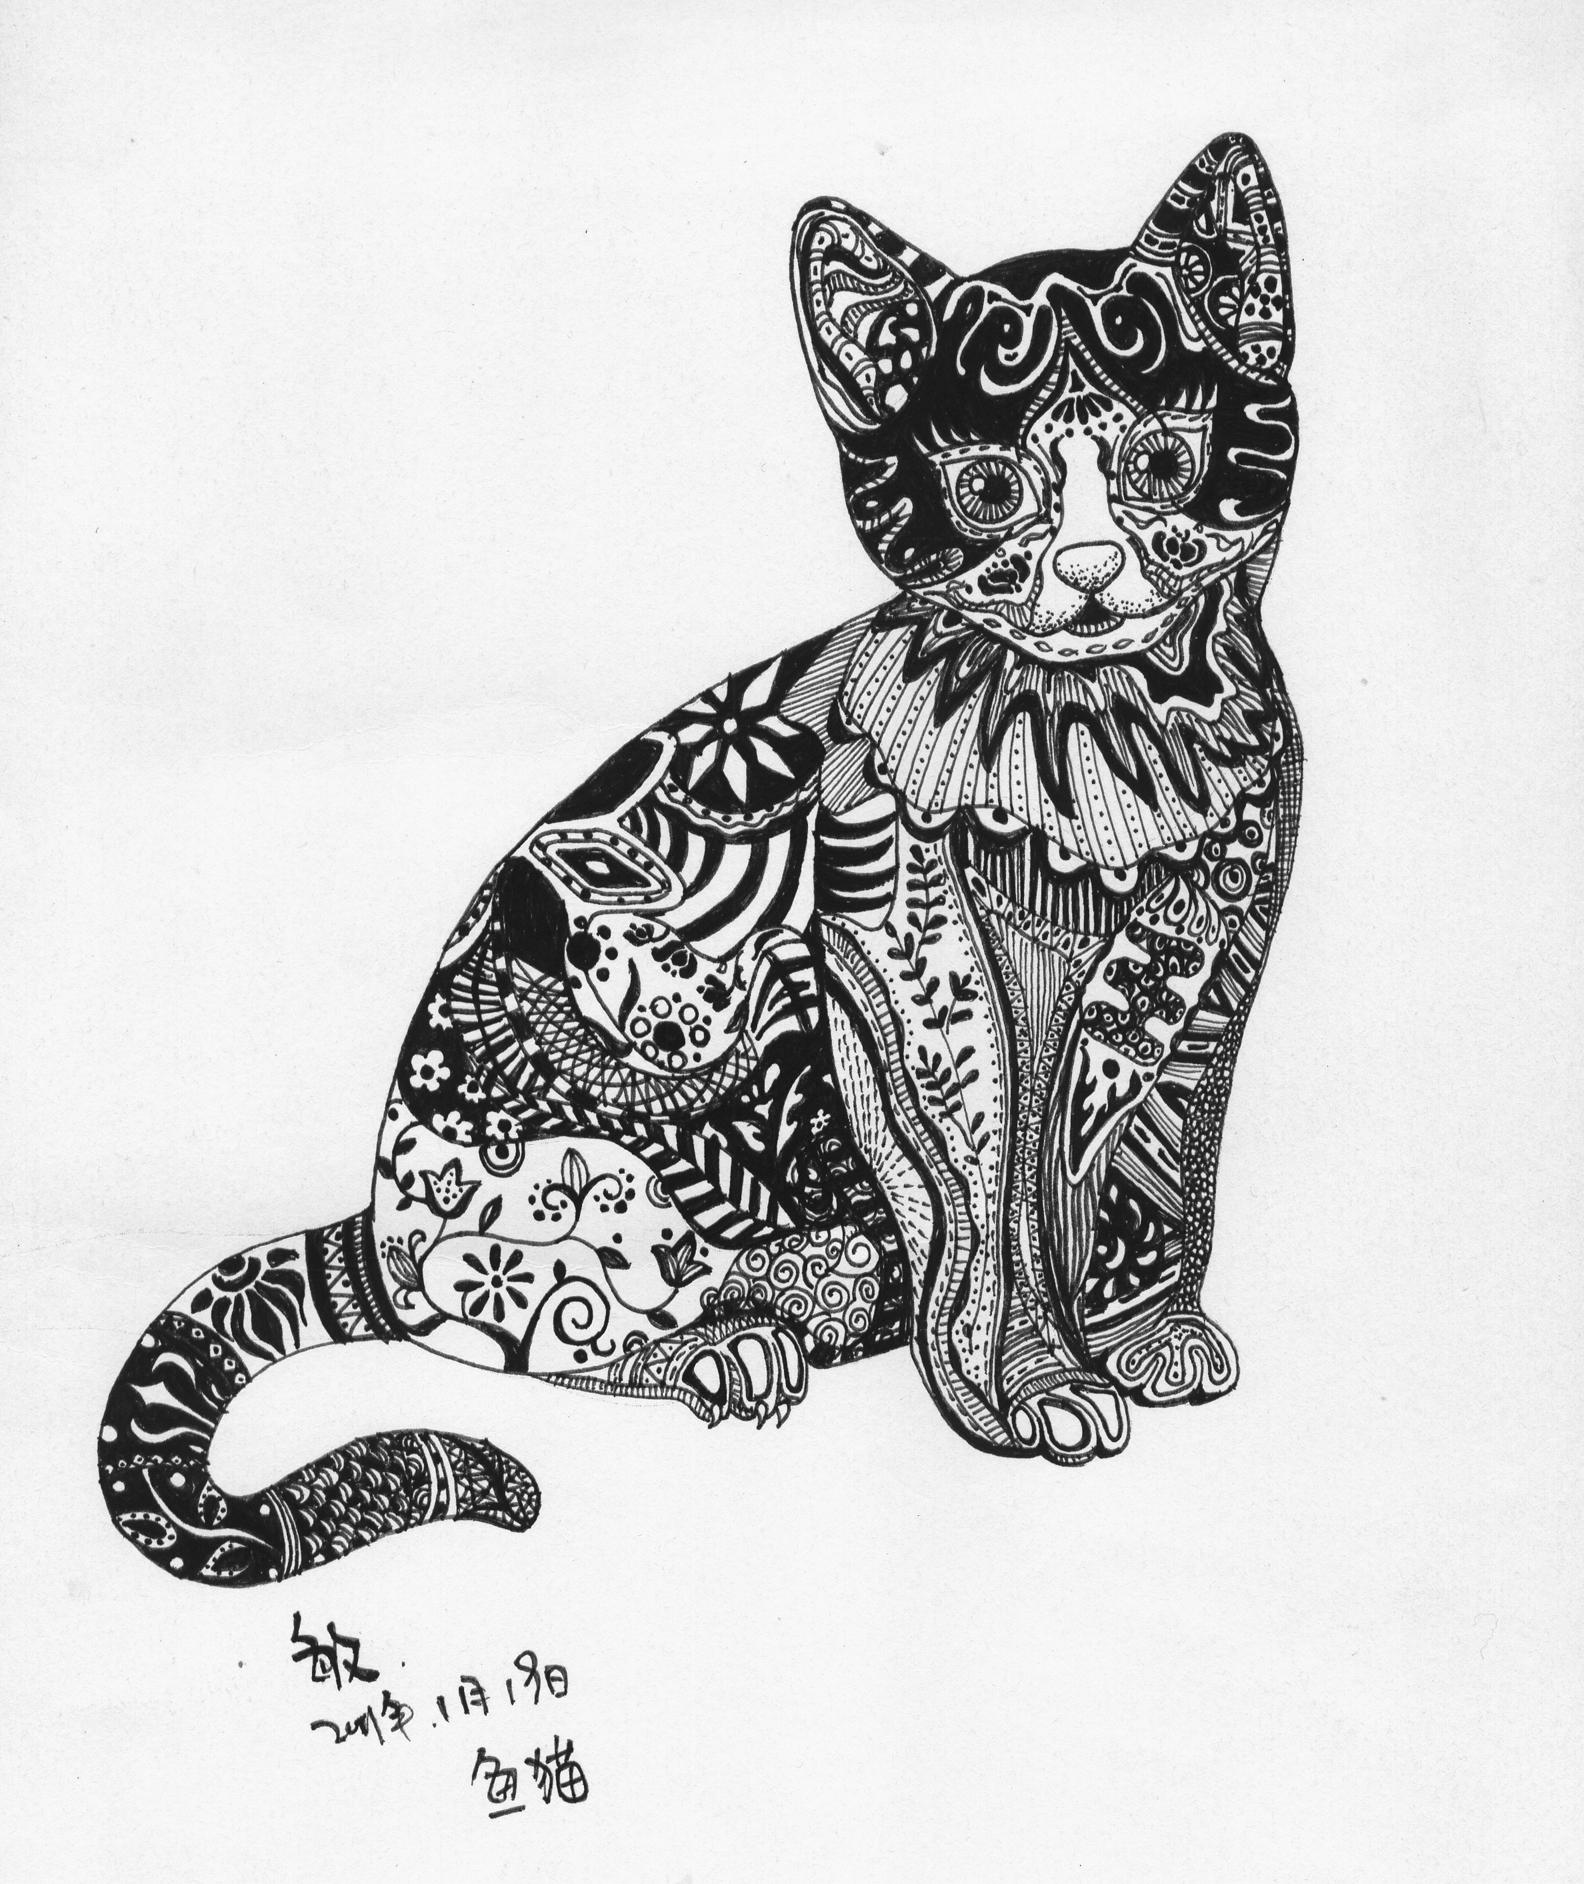 黑白花纹装饰画·····